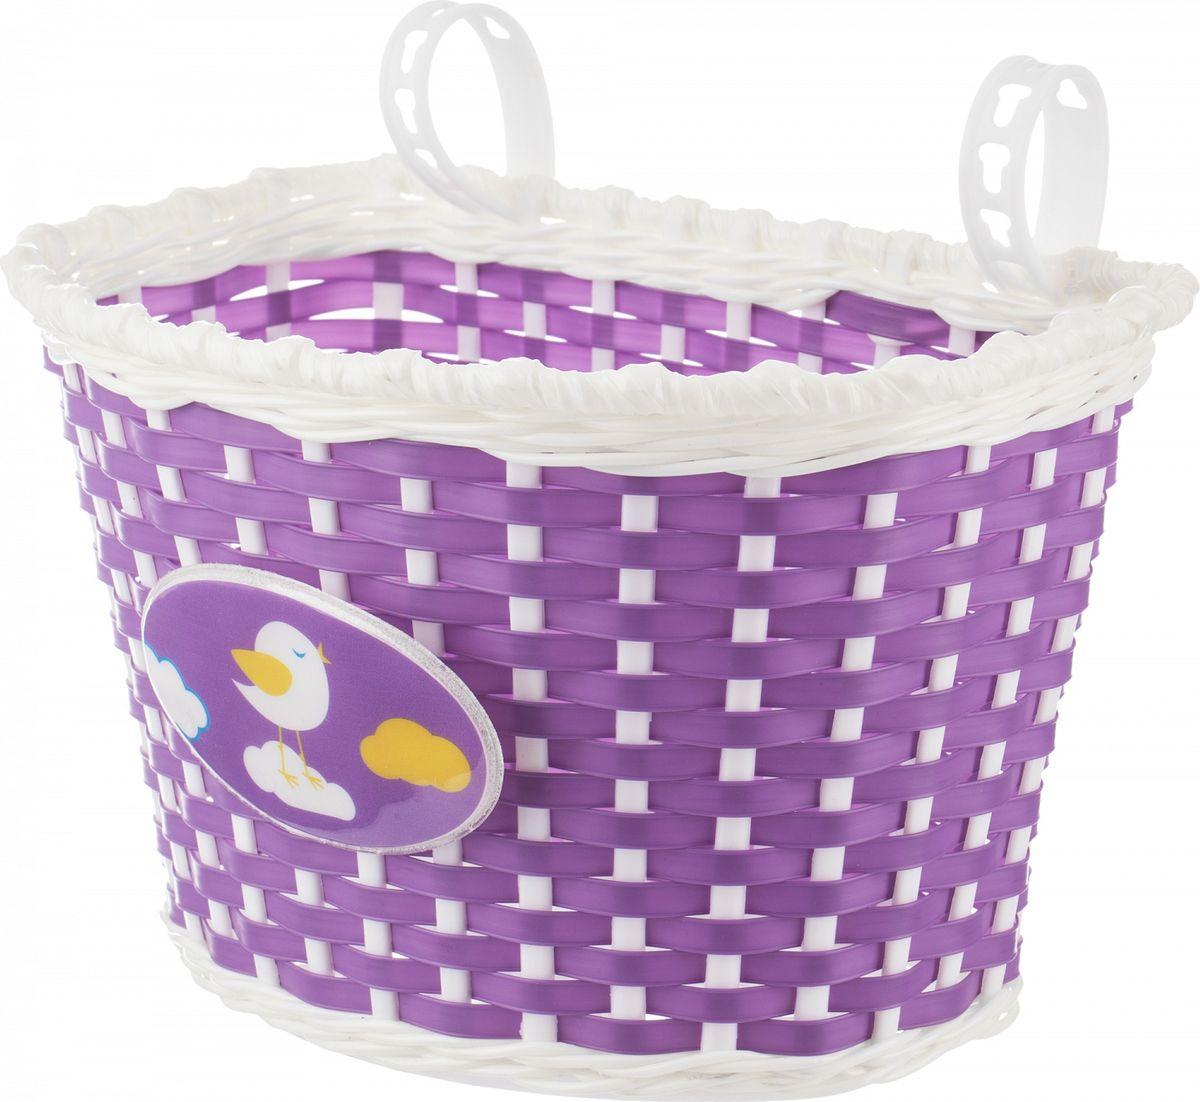 Велокорзина Stern Bicycle Basket, цвет: фиолетовый, белыйCBBK-1VI.Детская пластиковая корзина для перевозки и хранения игрушек украсит велосипед вашего ребенка. Крепится на руль.